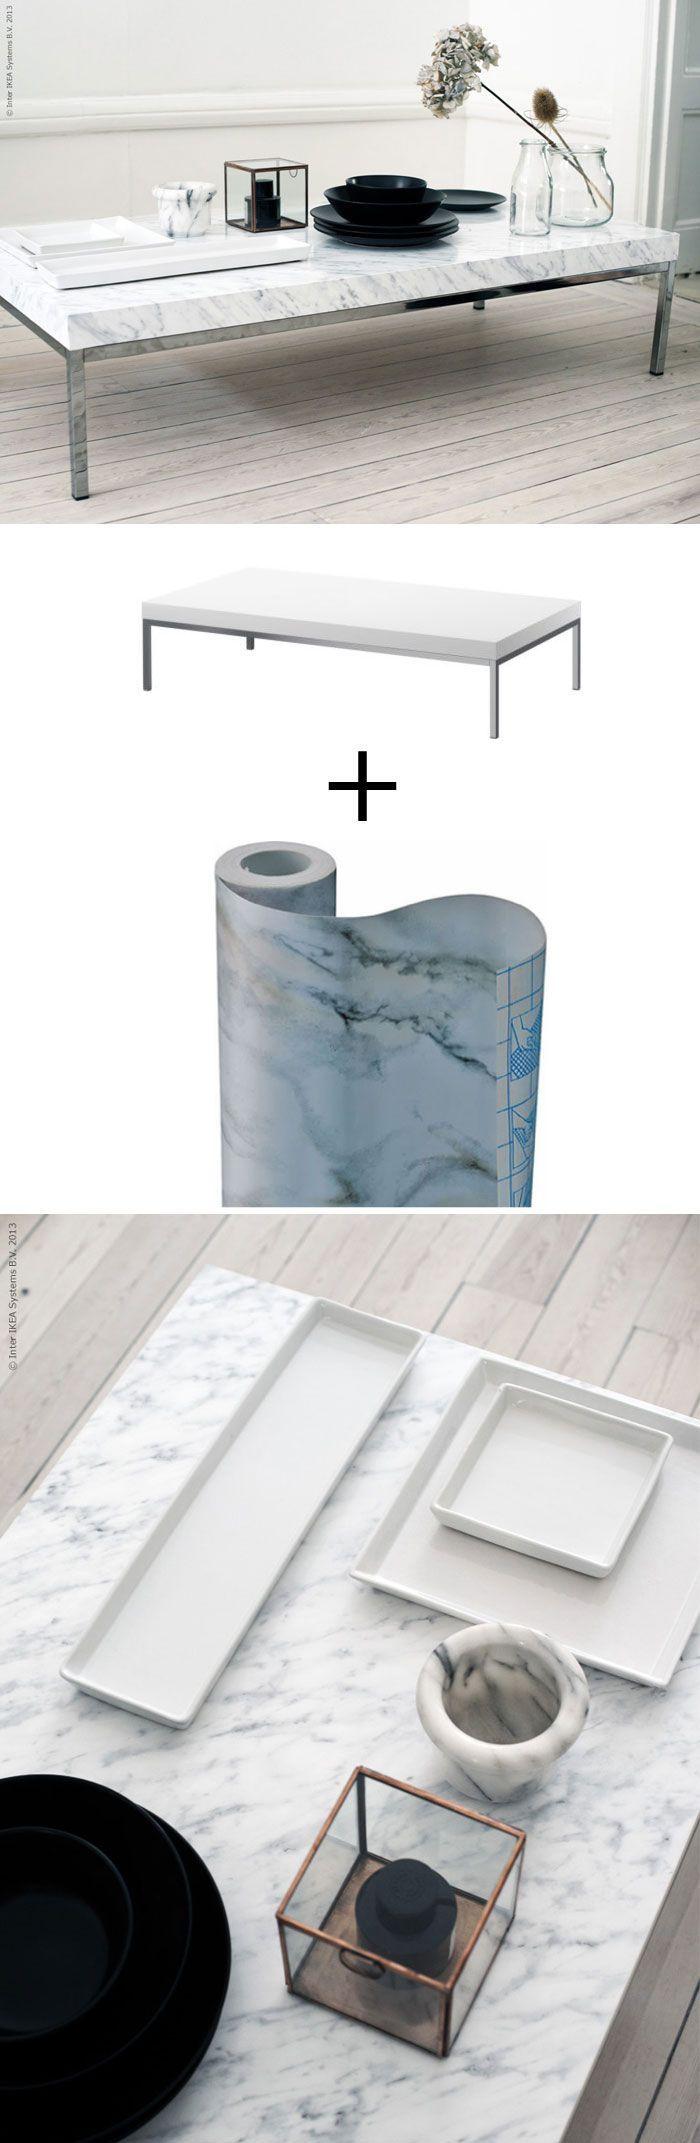 Diy Marble Coffee Table Possibly Most Favourite Ikea Hack Yet Ikea Meubels Diy Doe Het Zelf Meubels [ 2143 x 700 Pixel ]